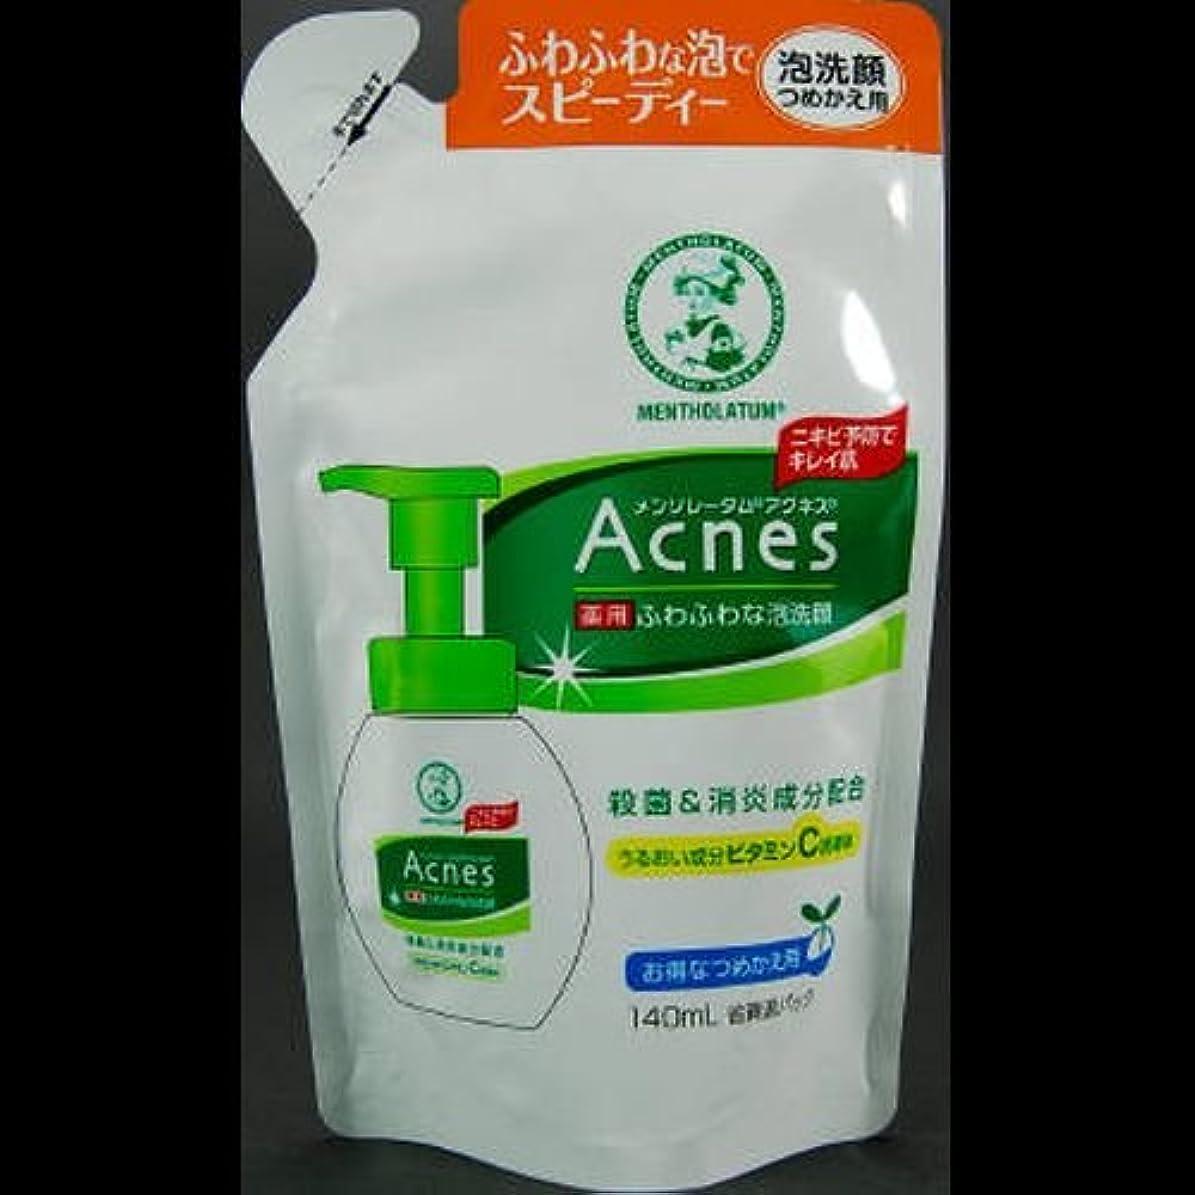 閉じる十分連鎖【まとめ買い】アクネス 薬用ふわふわ泡洗顔 つめかえ用 140mL ×2セット